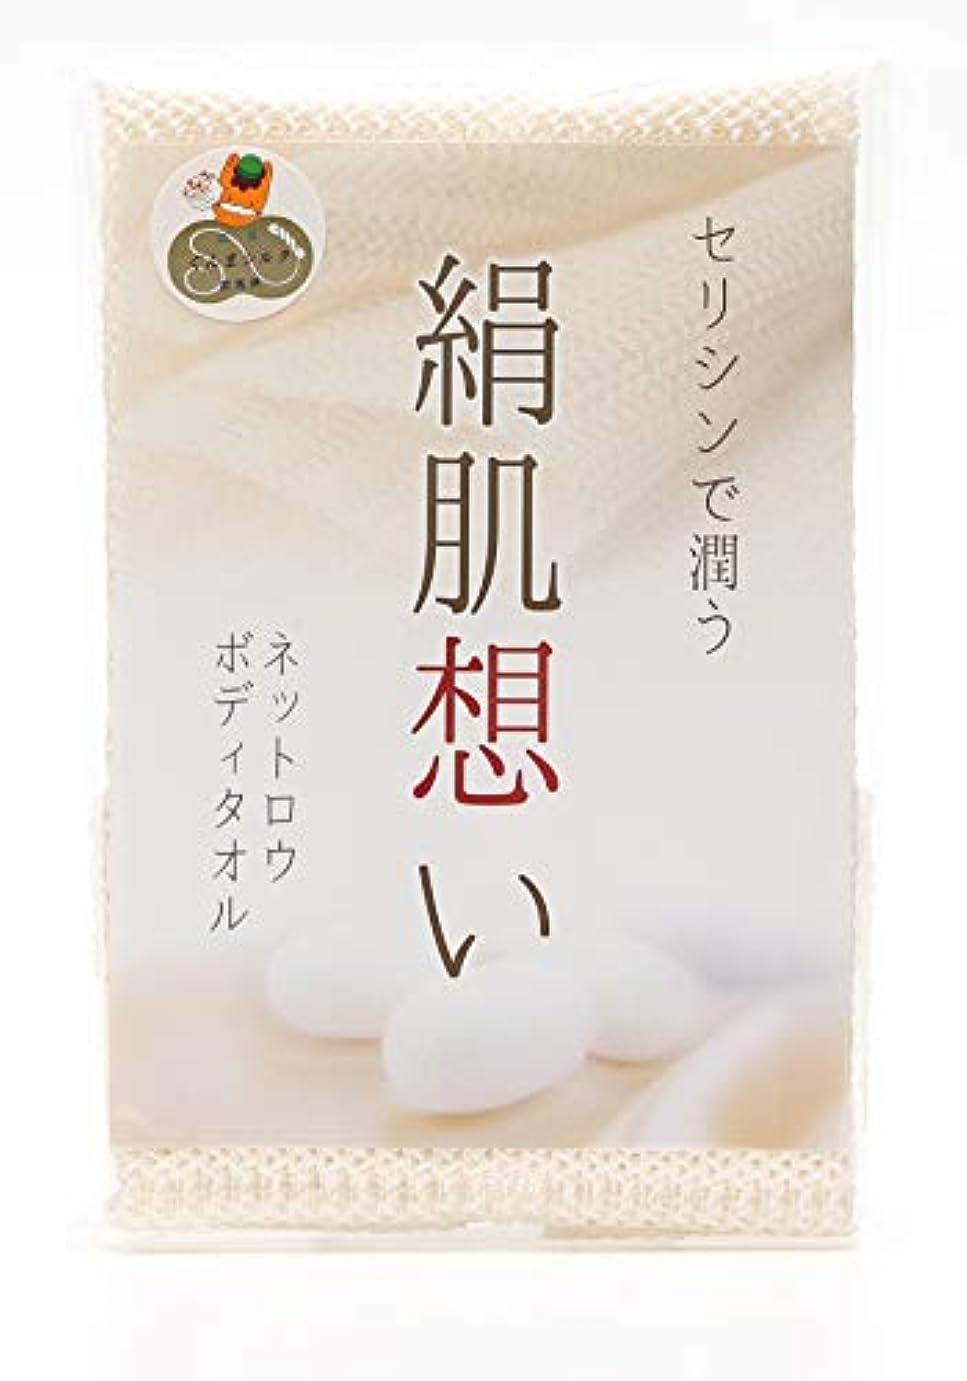 応用出発するパフ[ハッピーシルク] シルクボディータオル 「絹肌想い 」浴用ボディタオル セリシンで潤う シルク100% ネットロウ